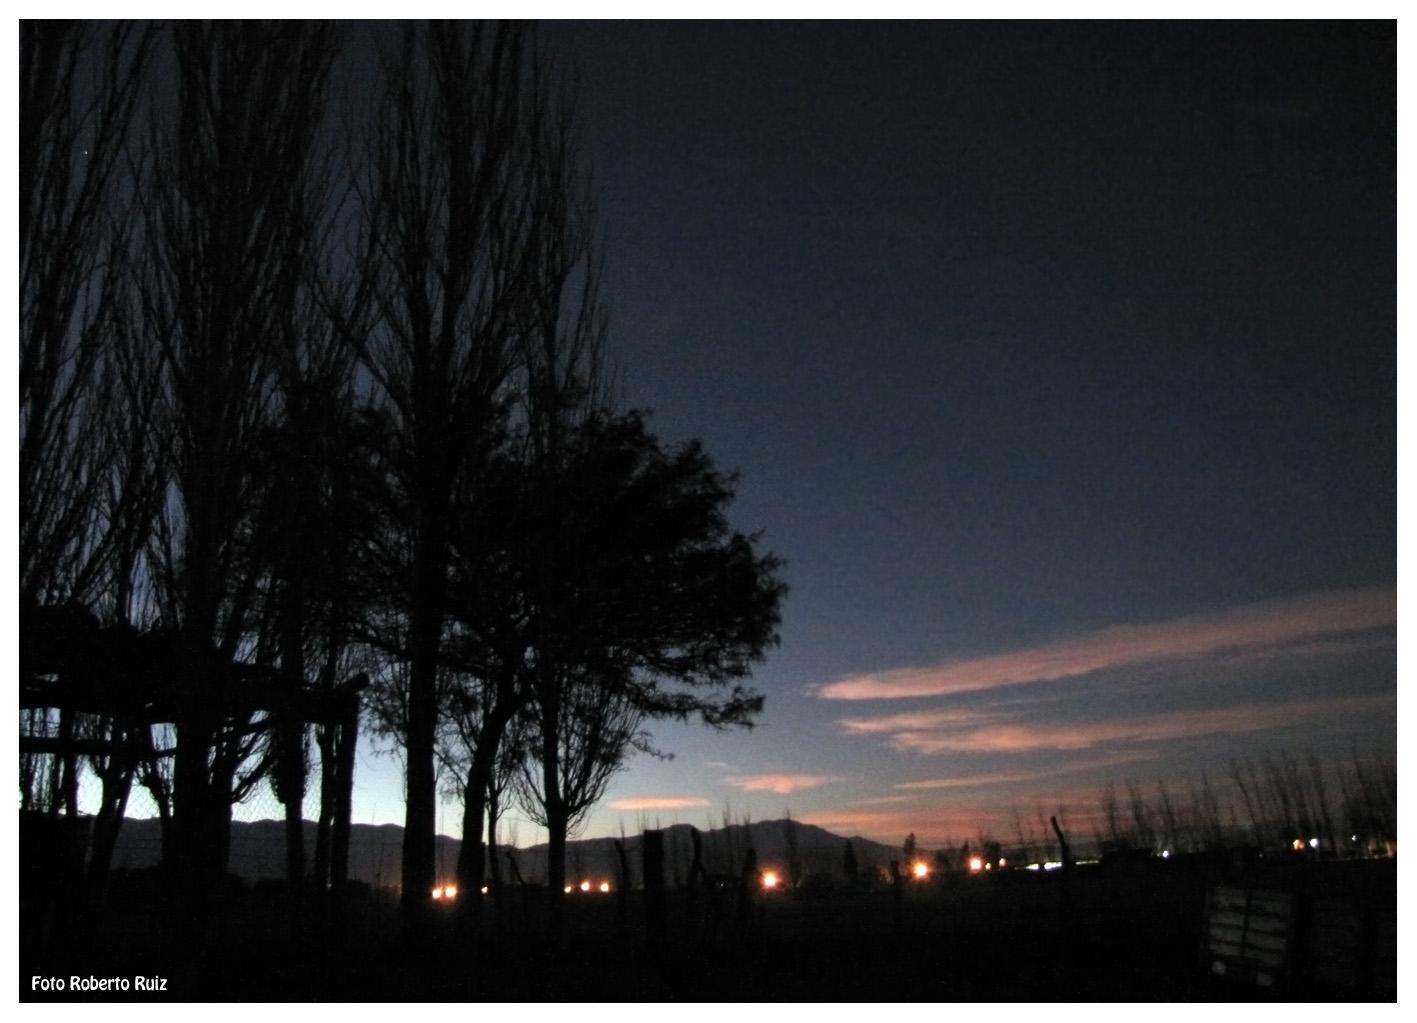 Anochecer de invierno en Jáchal